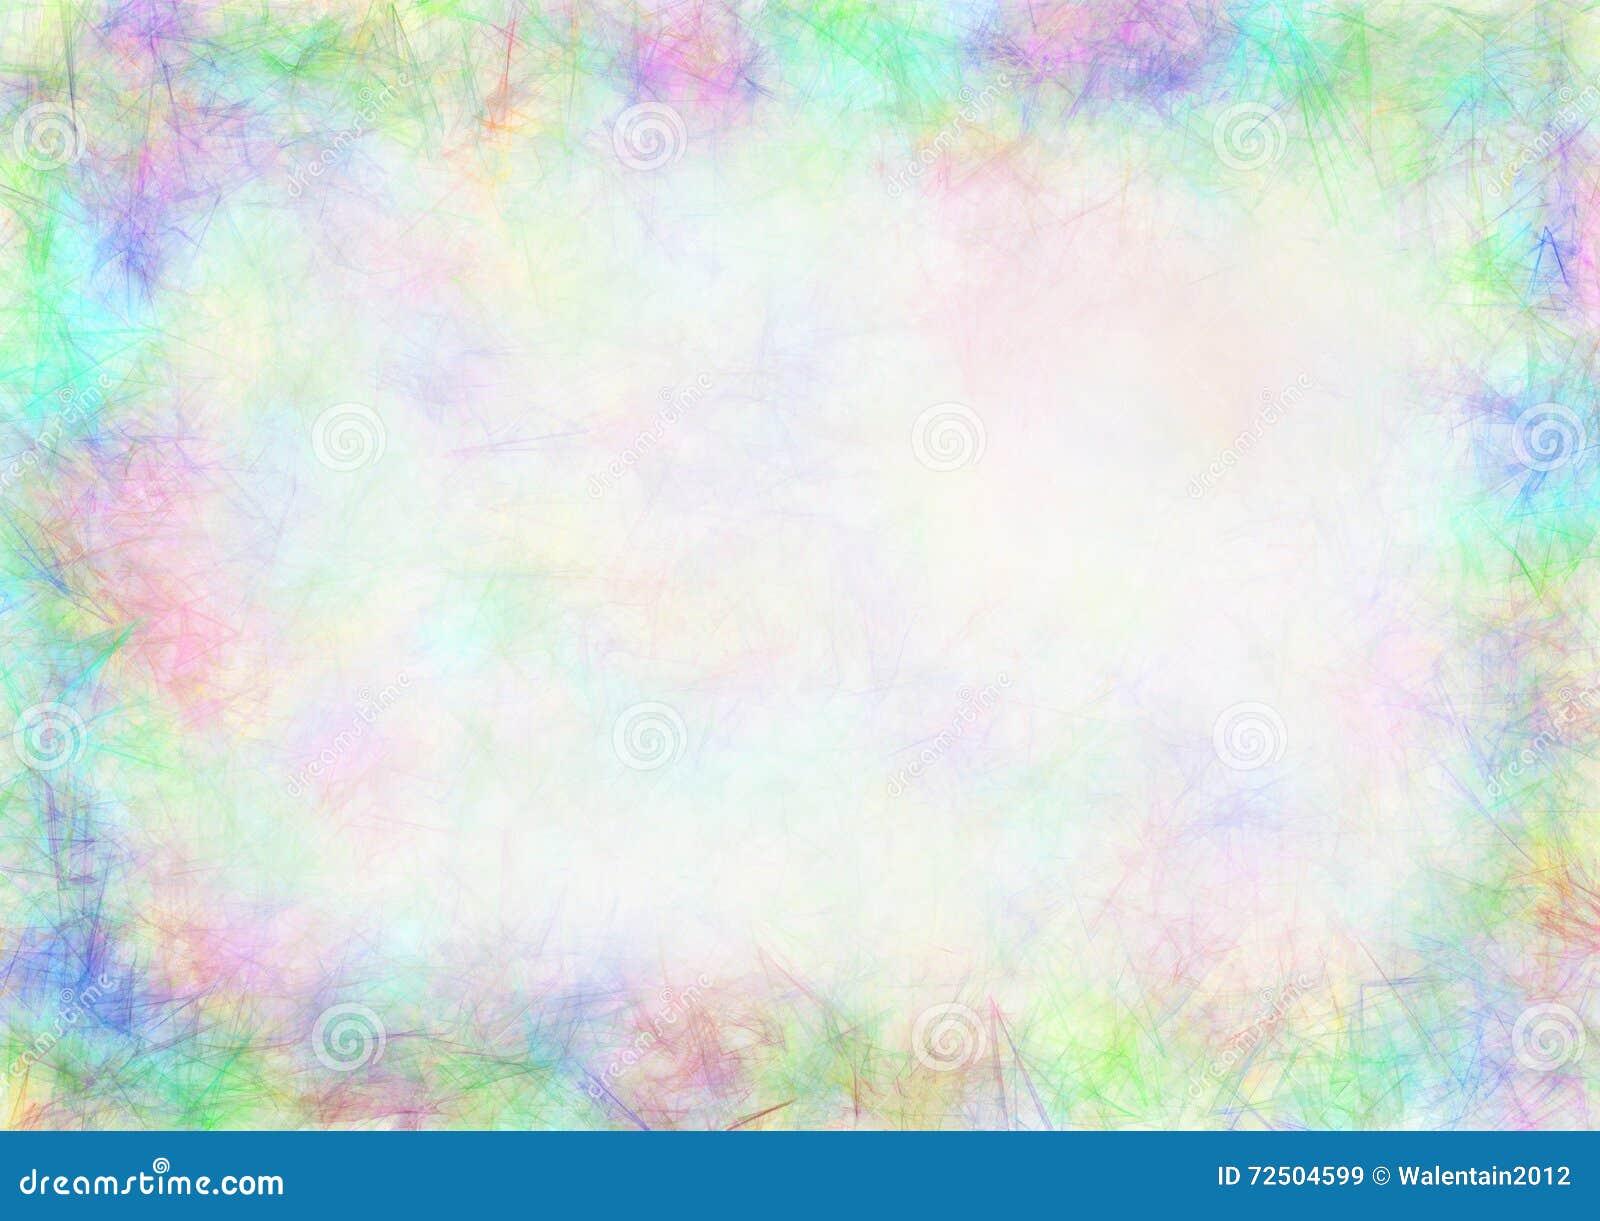 Пастельная нарисованная текстурированная предпосылка